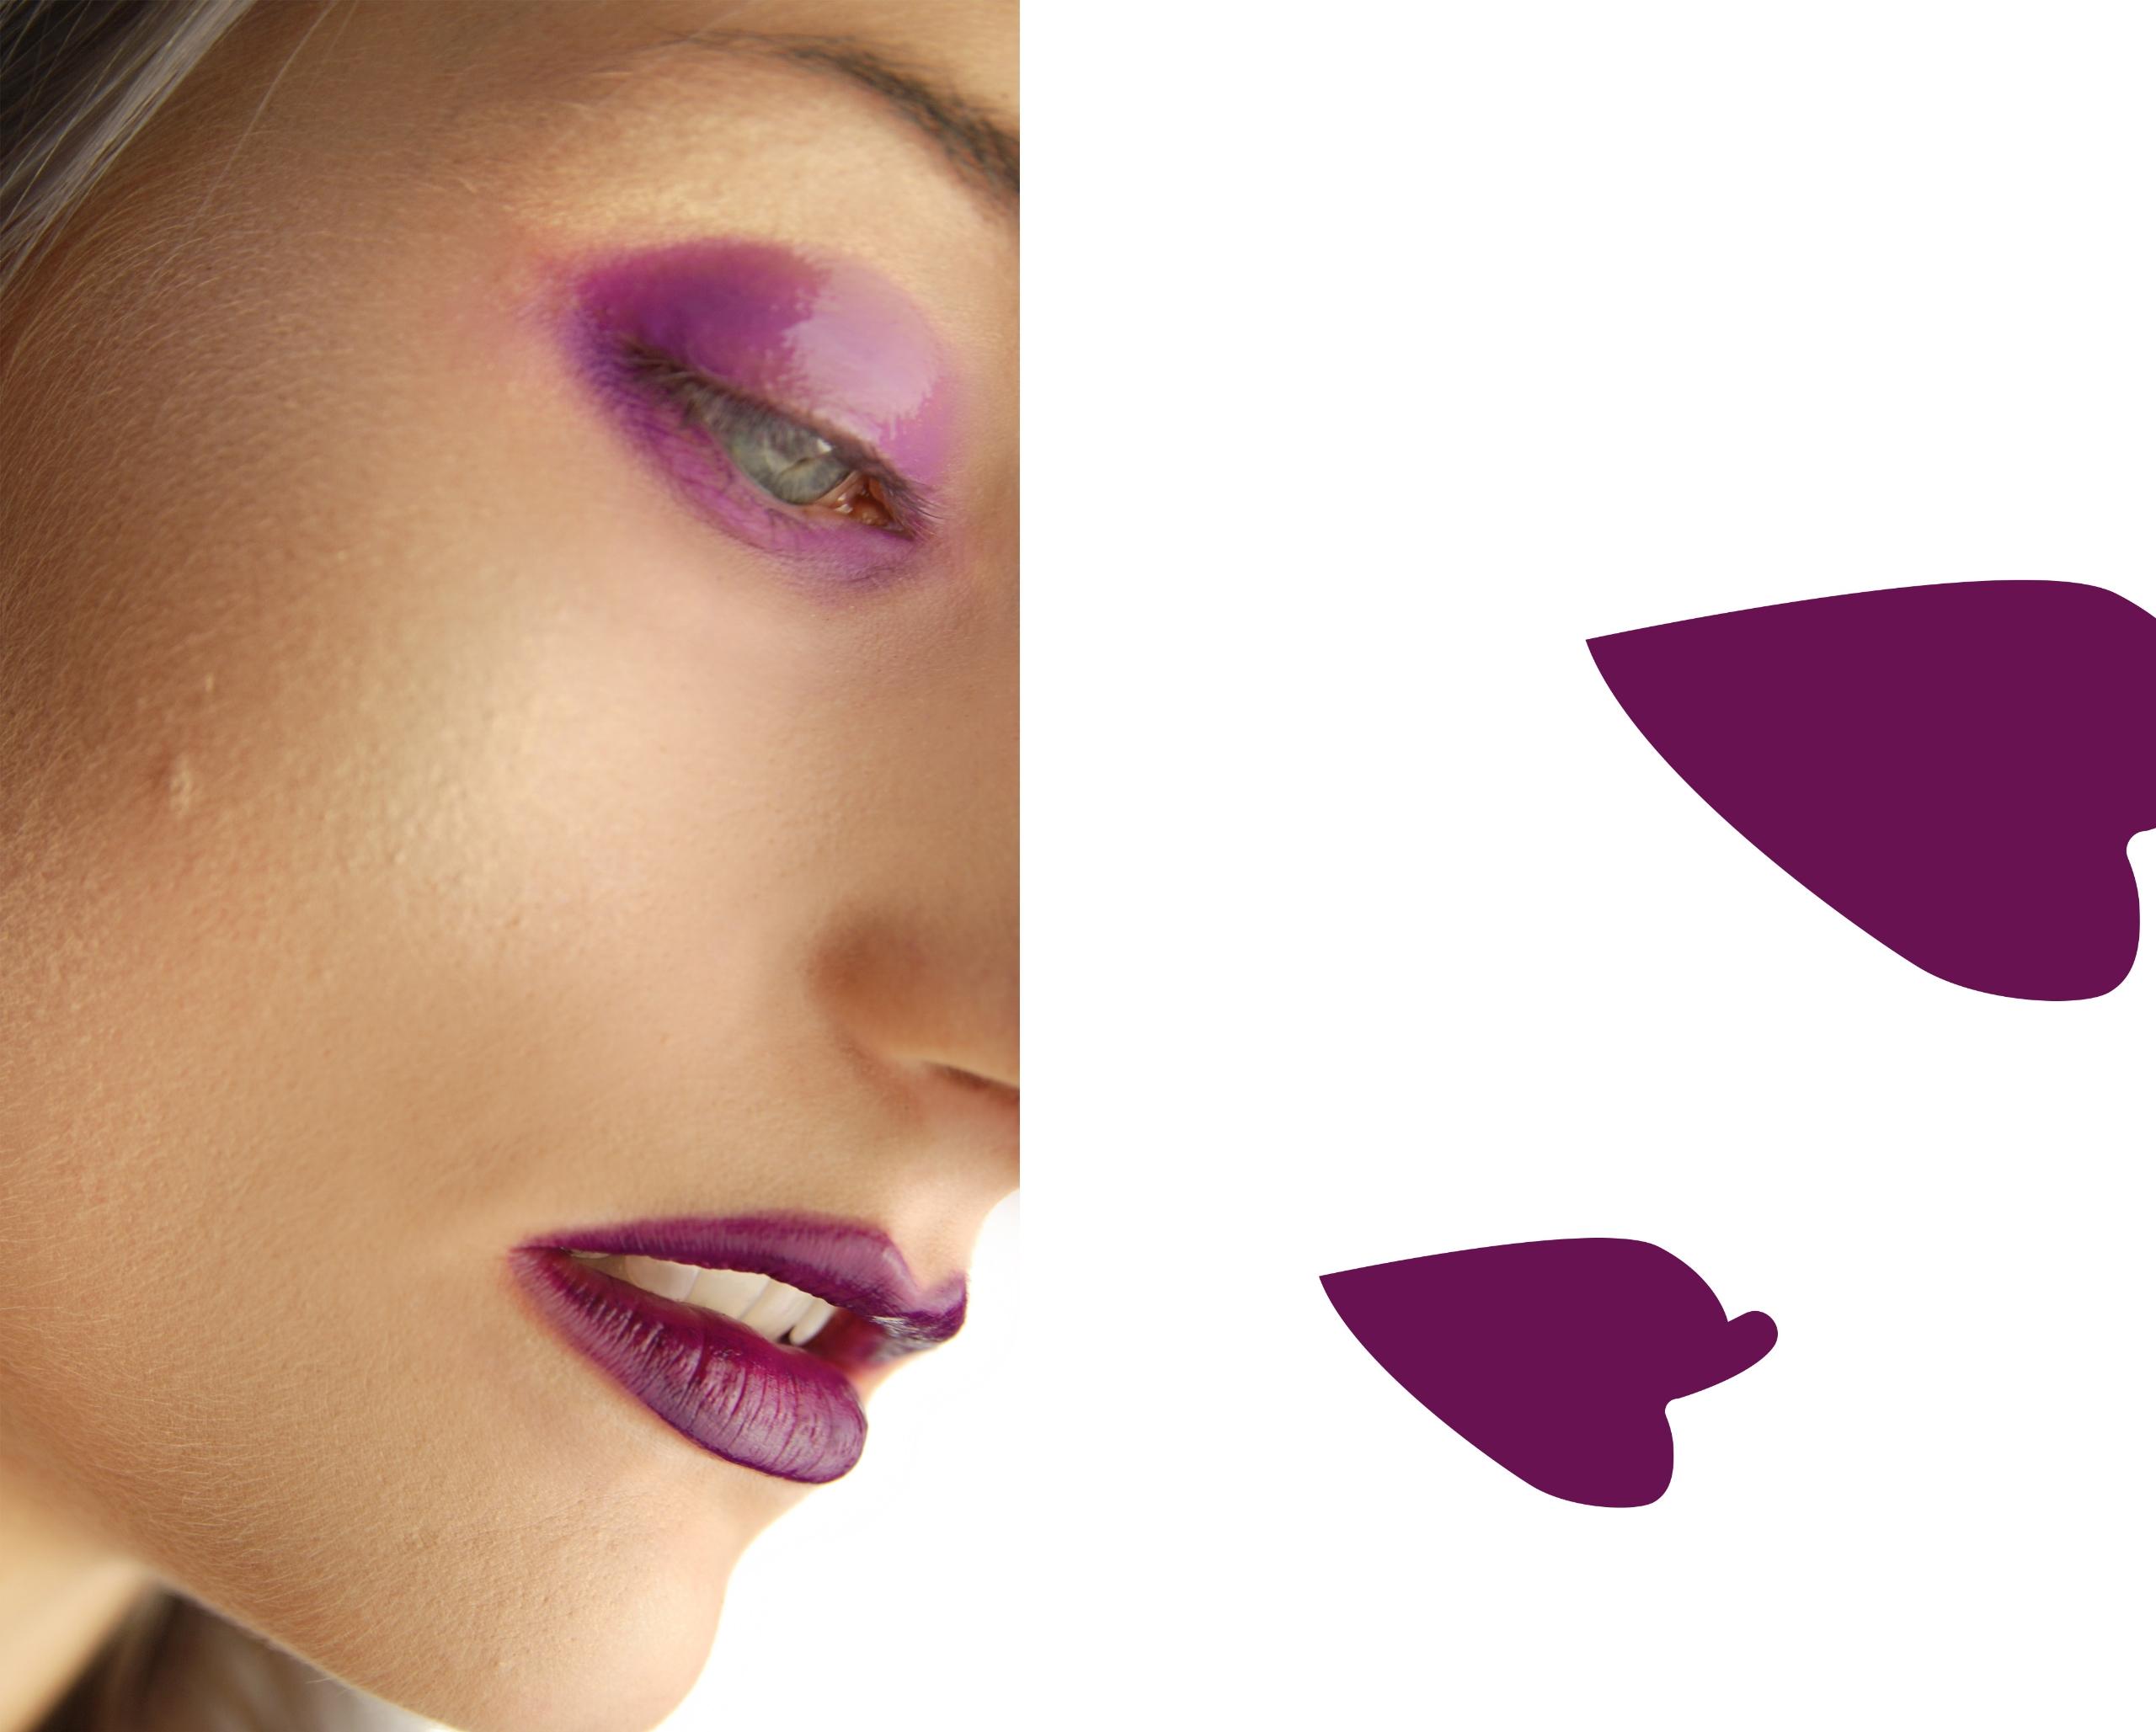 Obraz przedstawia zdjęcie fragmentu kobiecej twarzy w makijażu oraz geometryczne fioletowe kształty na białym tle.